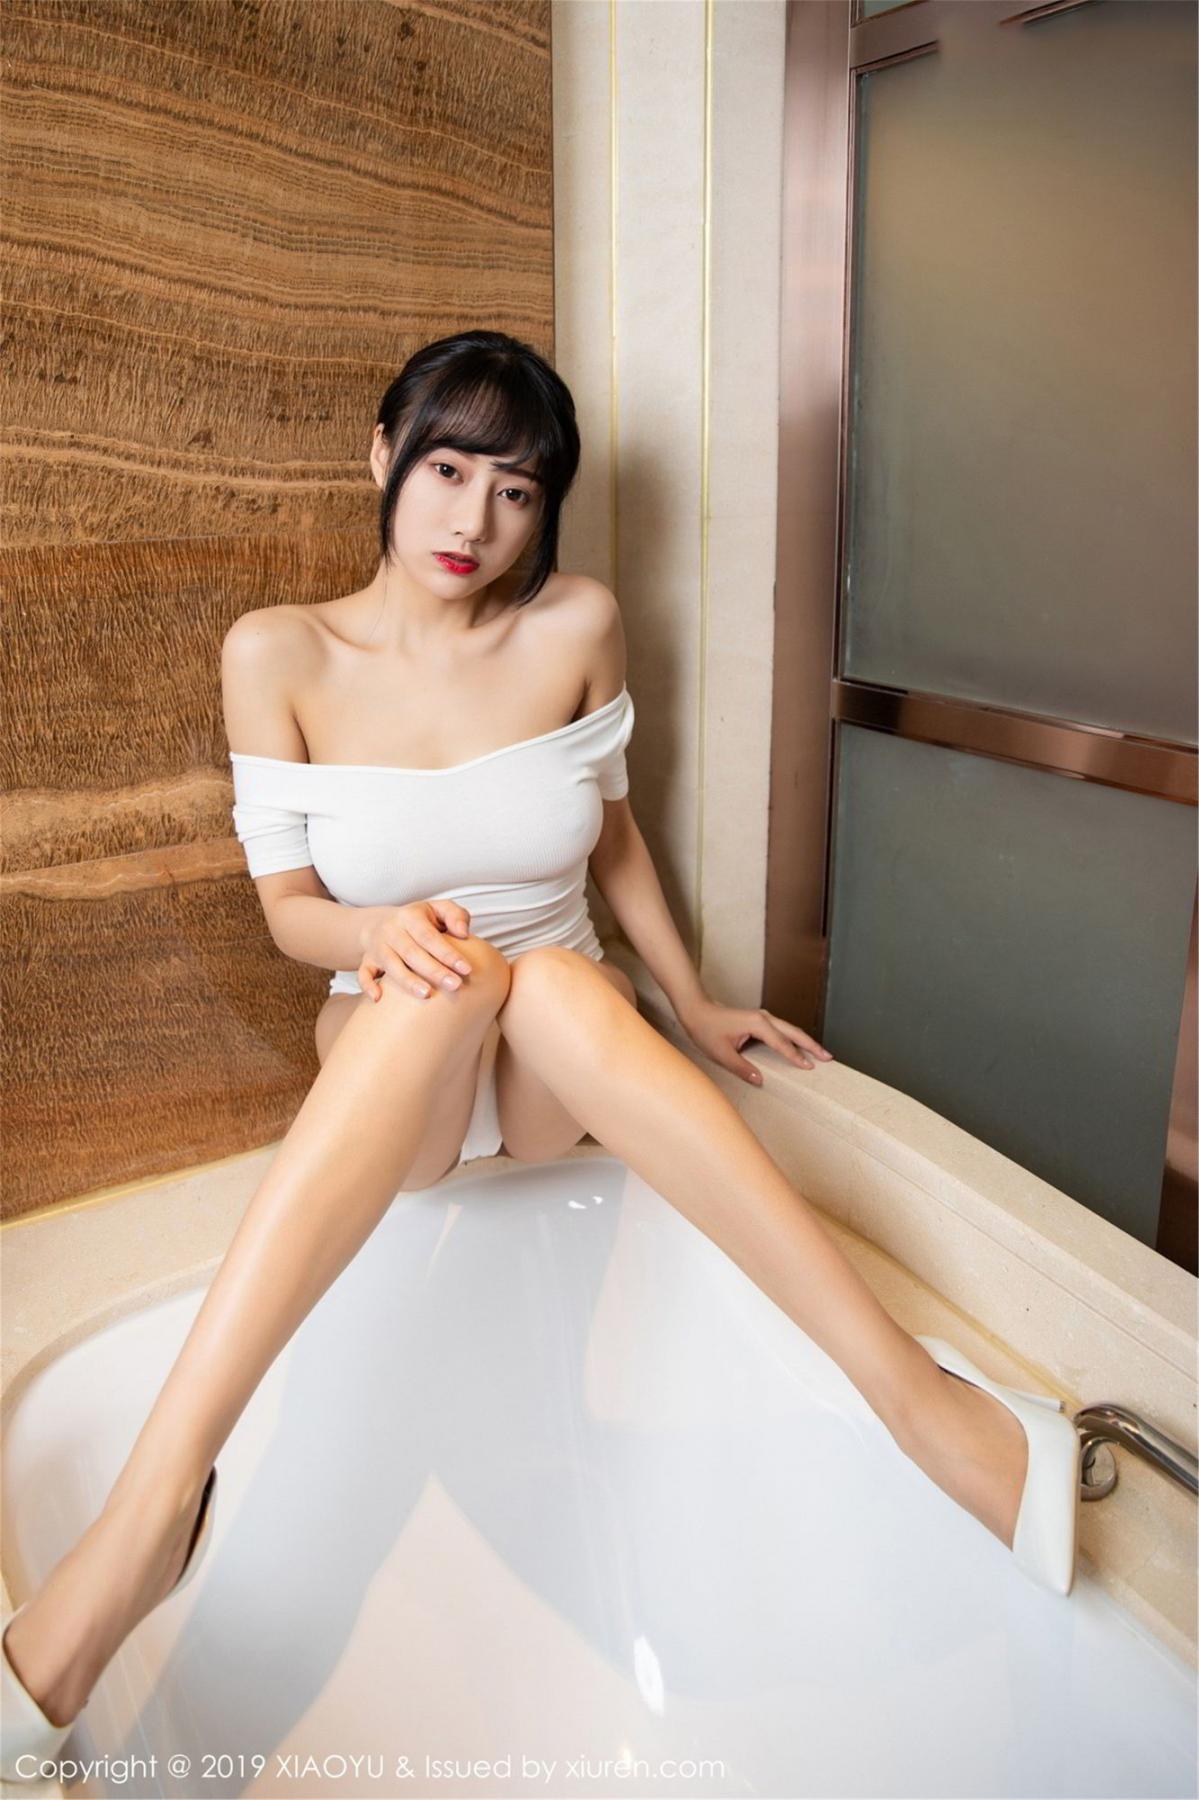 [XiaoYu] Vol.116 He Jia Ying 18P, Bathroom, He Jia Ying, Wet, XiaoYu